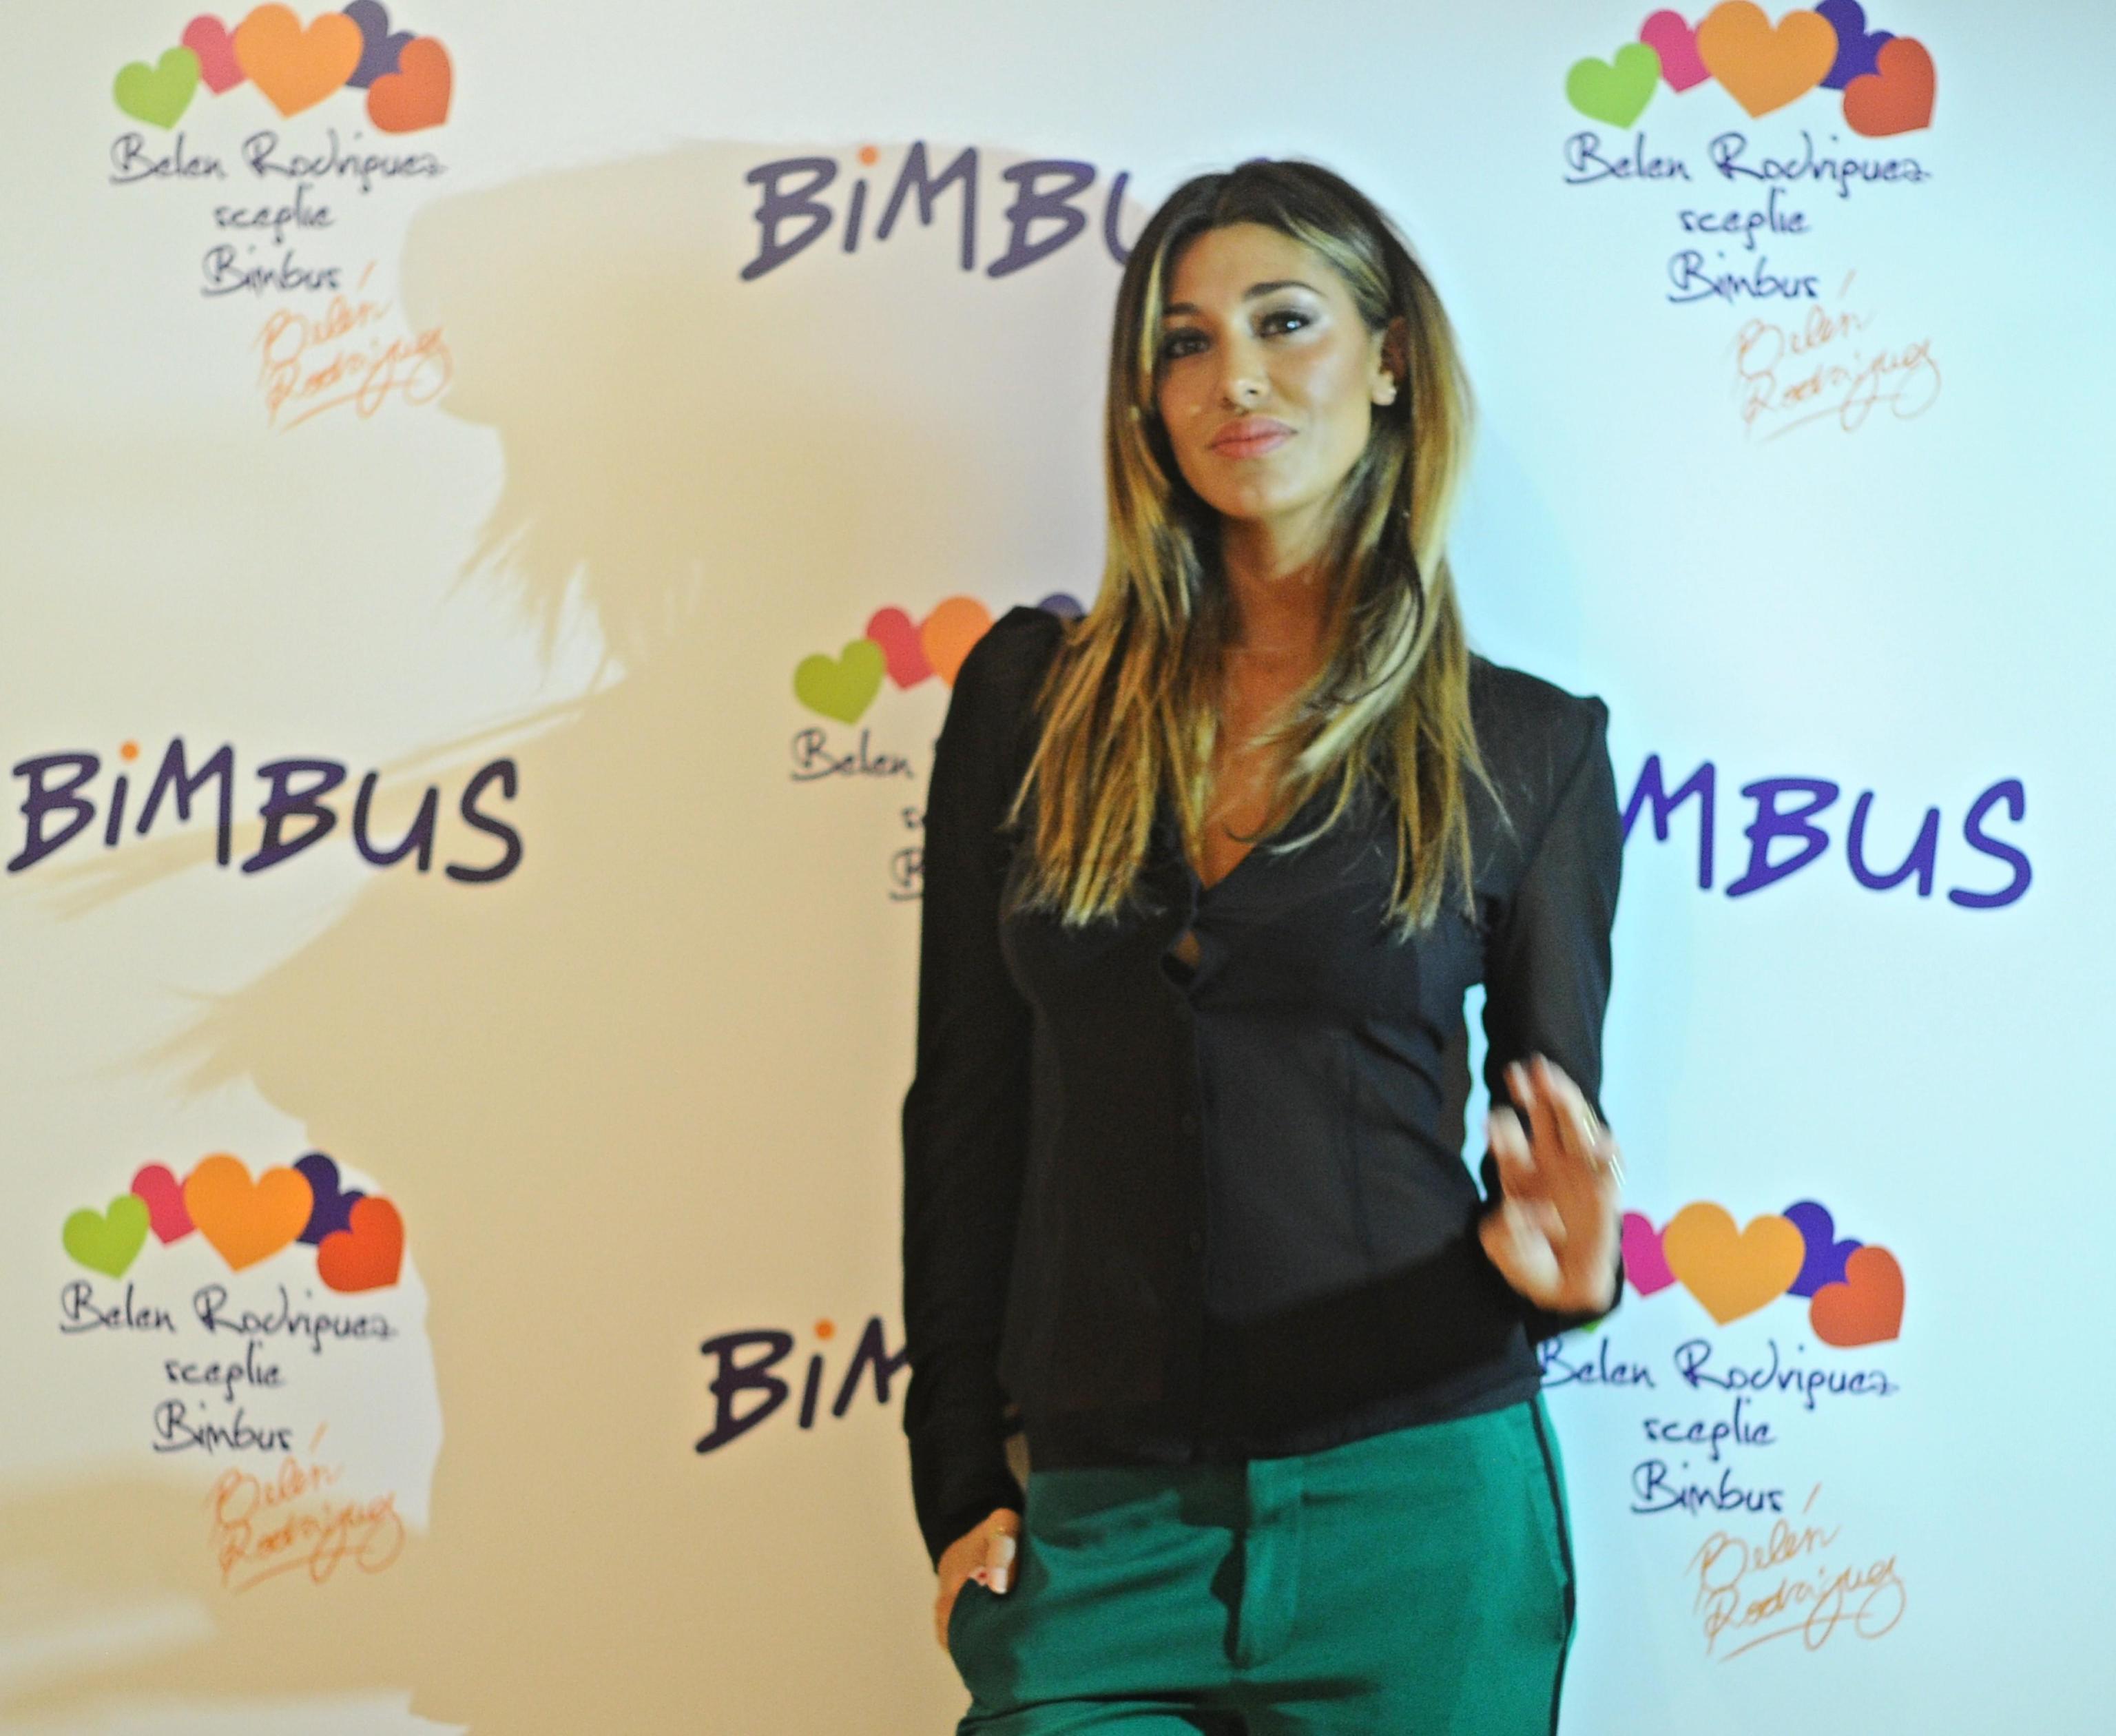 Belen Rodriguez da Bimbus 02